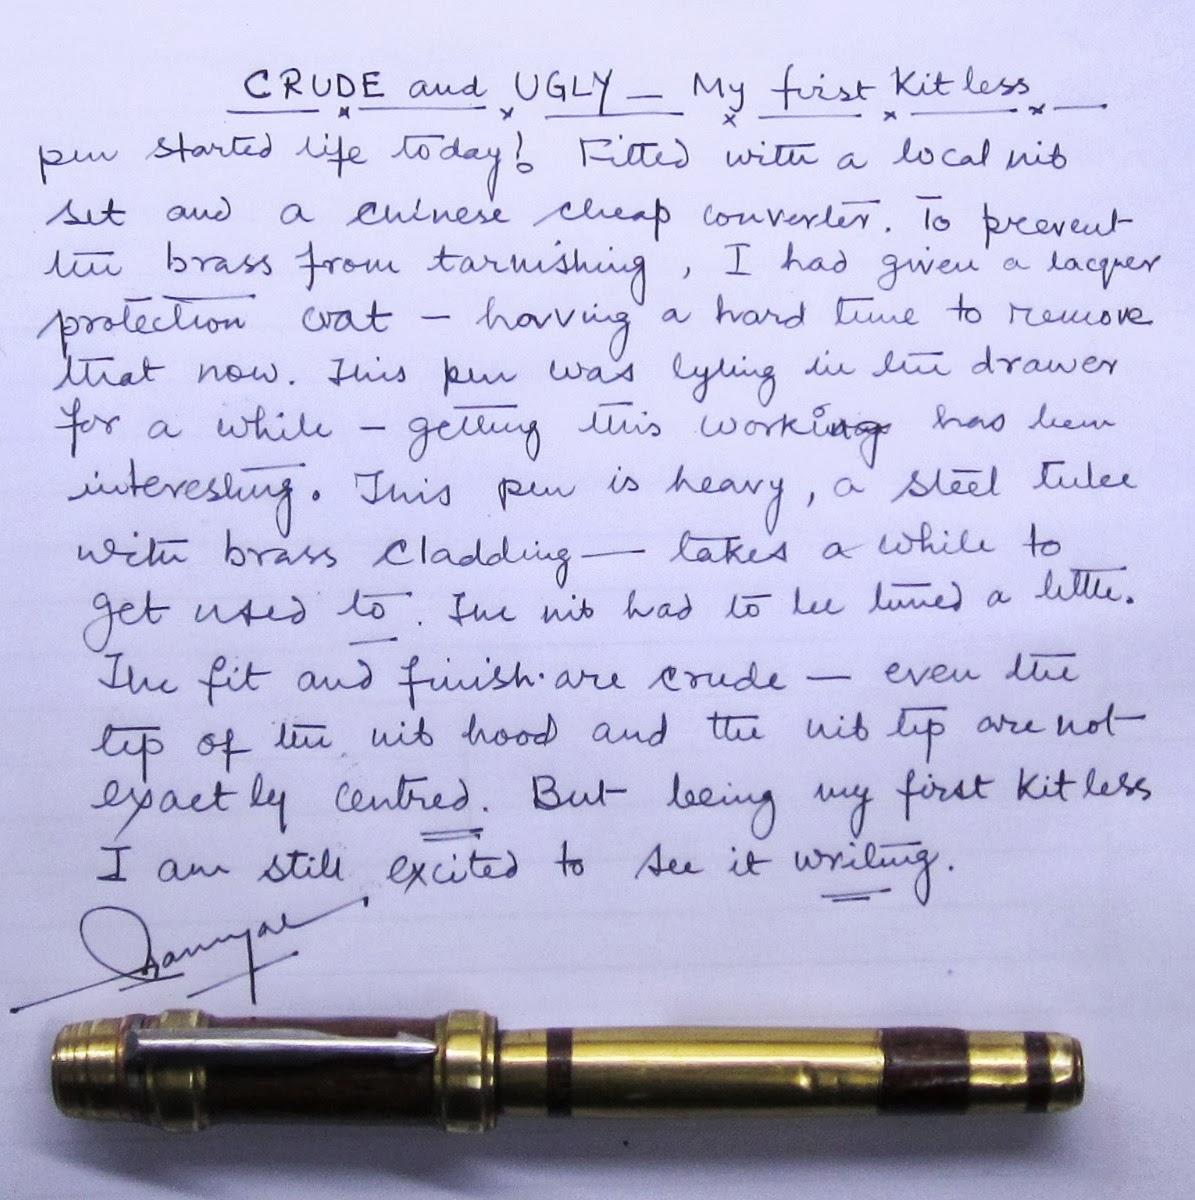 Soumitra Pen collection: UGLY and DIABOLO !!